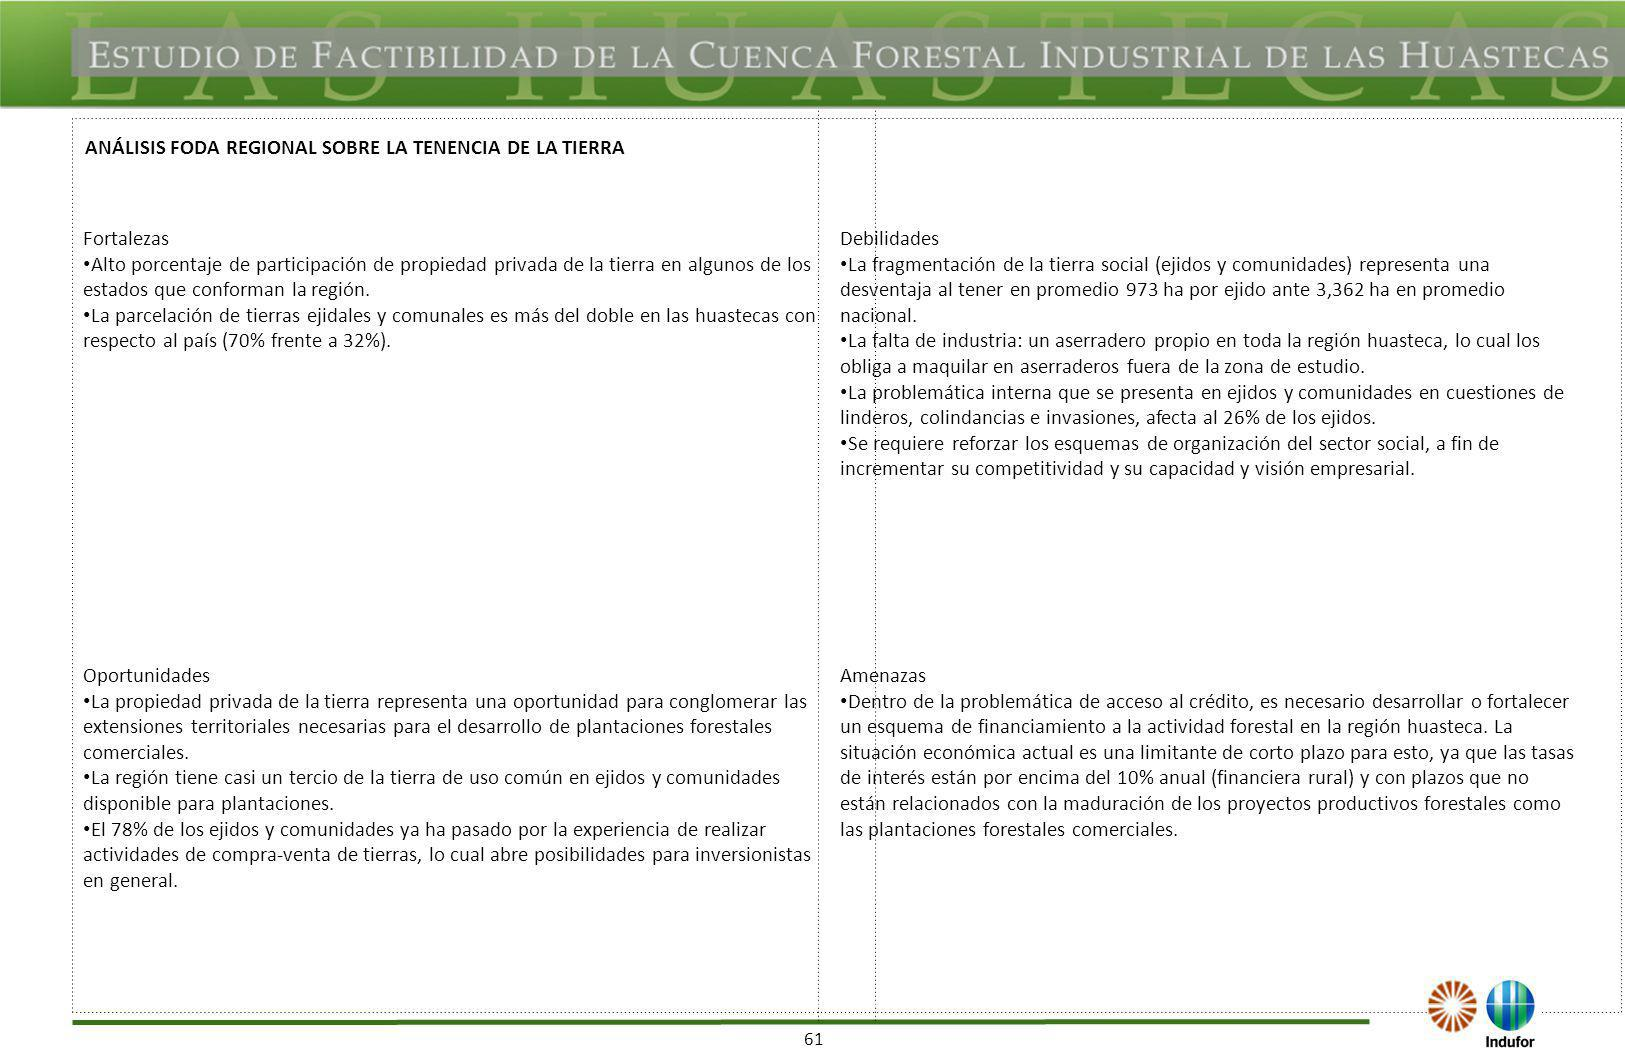 61 ANÁLISIS FODA REGIONAL SOBRE LA TENENCIA DE LA TIERRA Fortalezas Alto porcentaje de participación de propiedad privada de la tierra en algunos de l